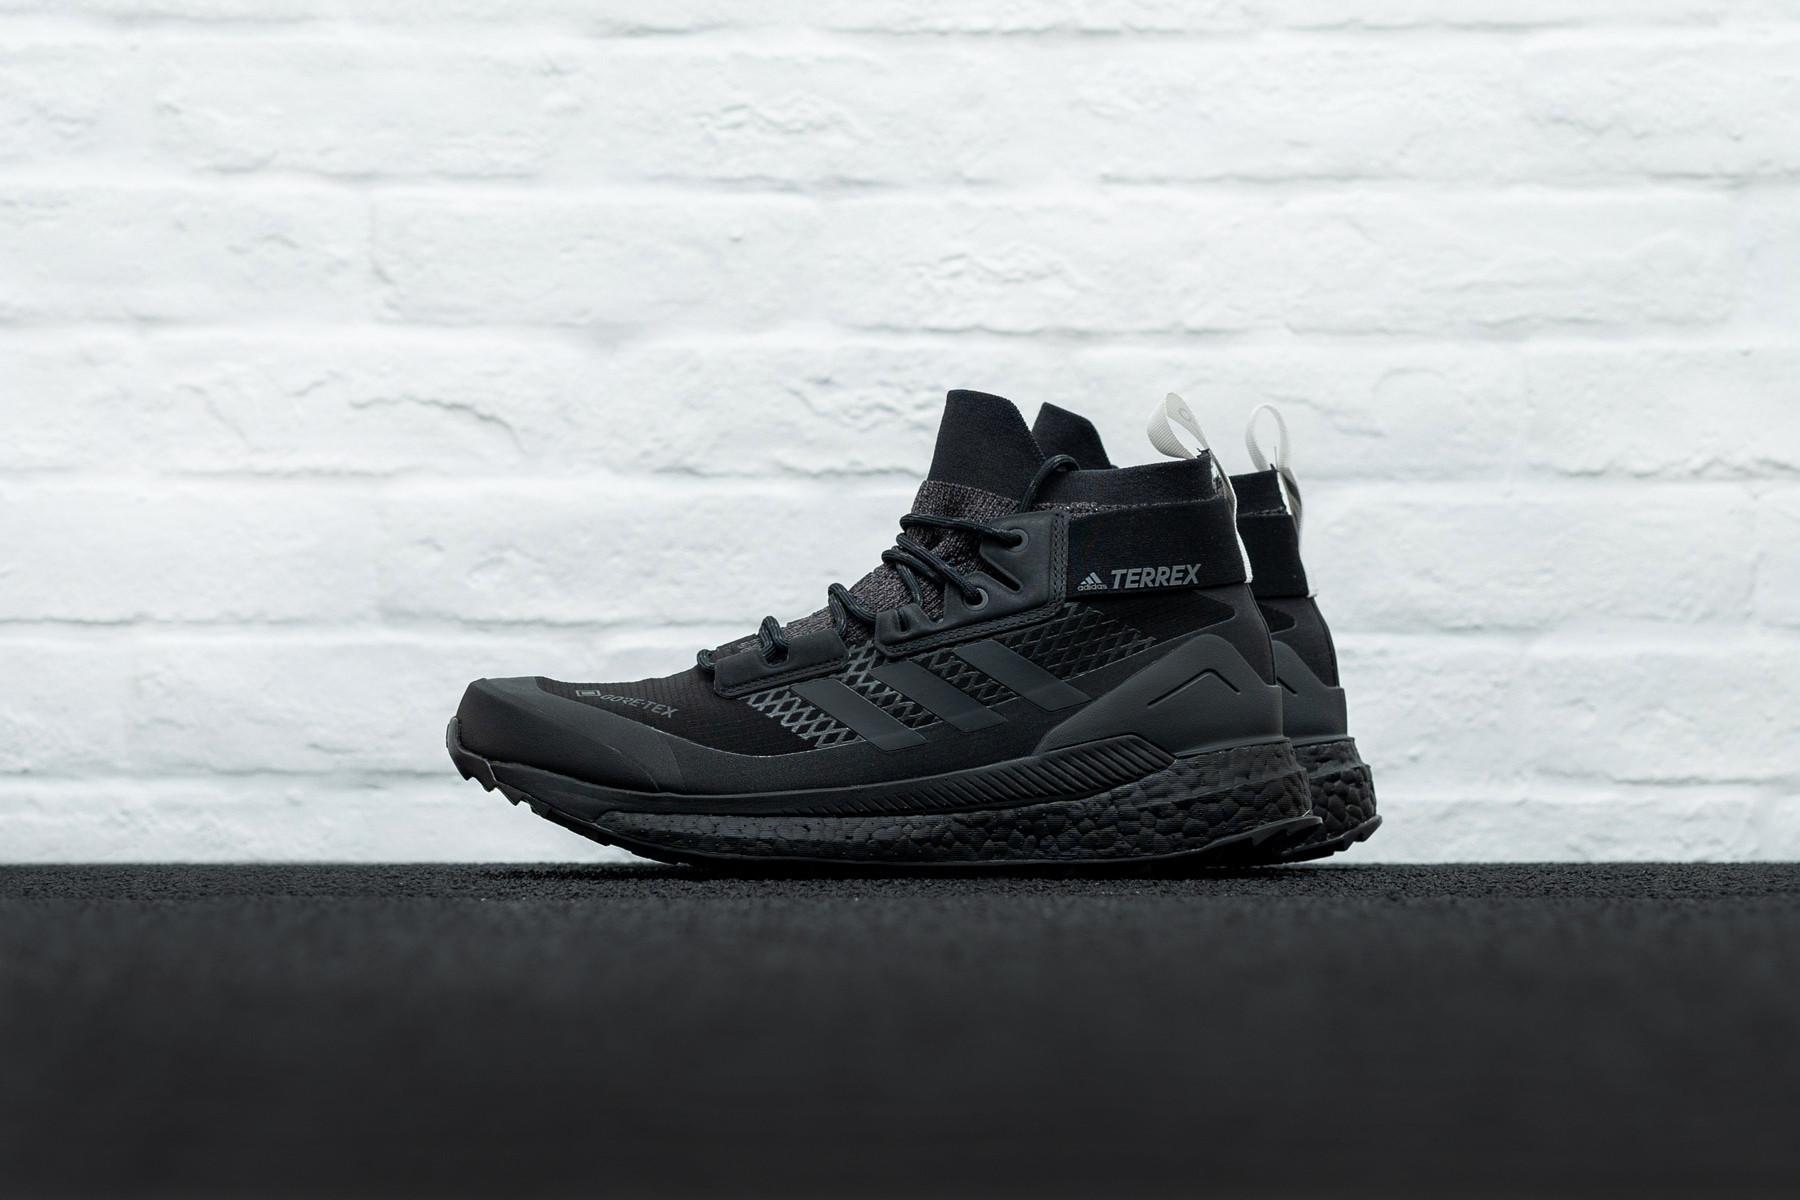 Adidas Terrex Free Hiker GTX | Favoritter fra Adidas finner